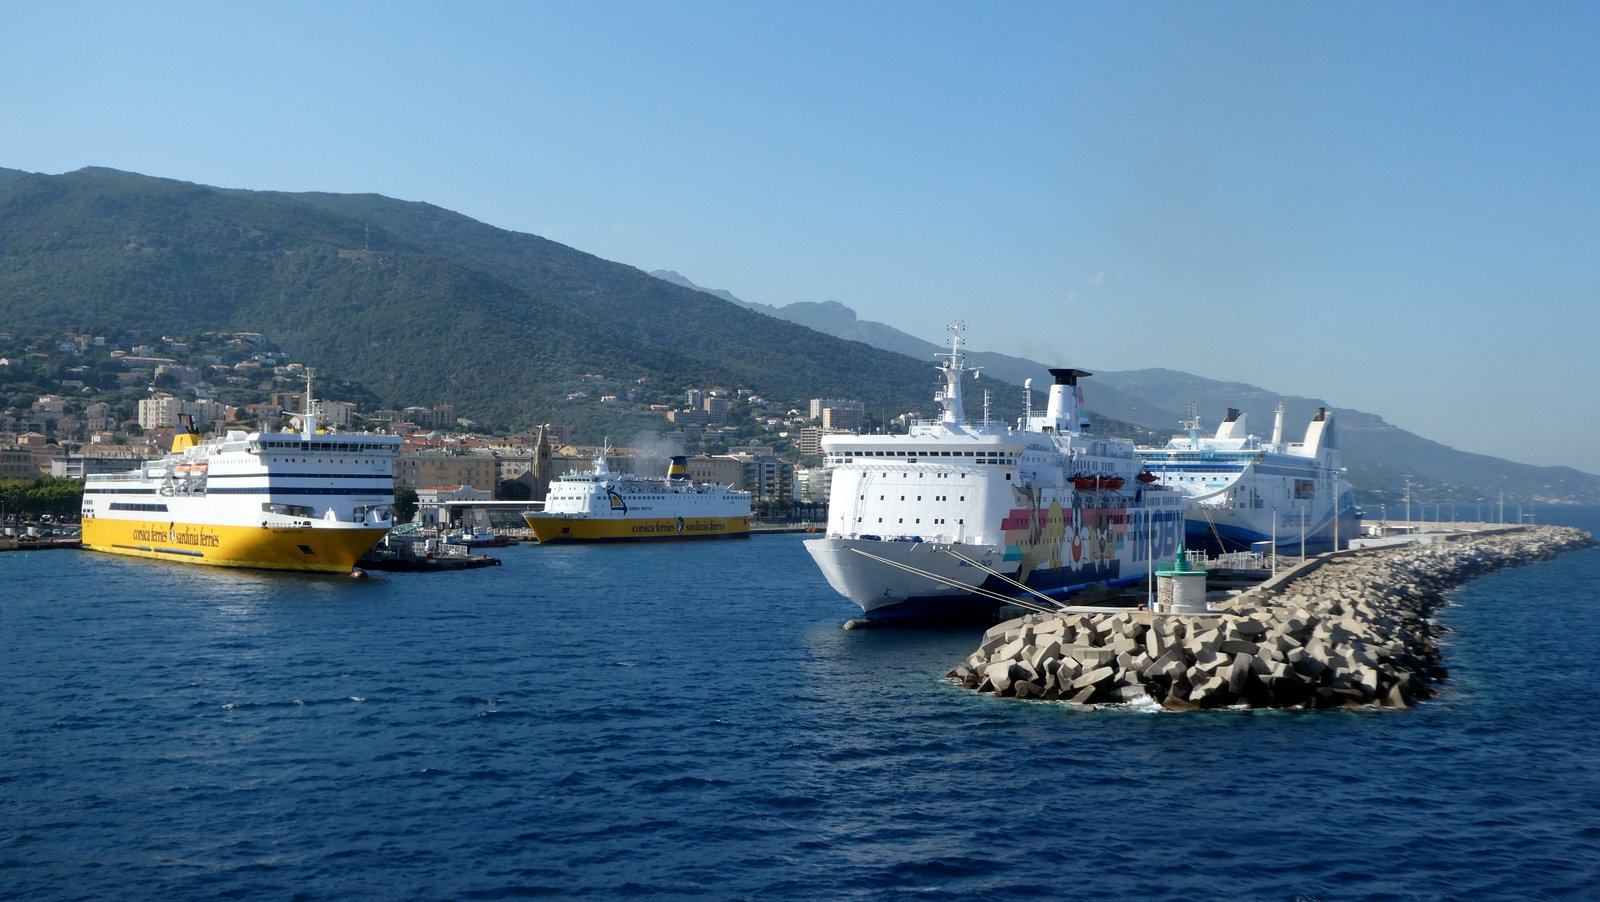 Le site actuel du port de Bastia, situé au coeur de la ville. Photo : Romain Roussel (juillet 2018).